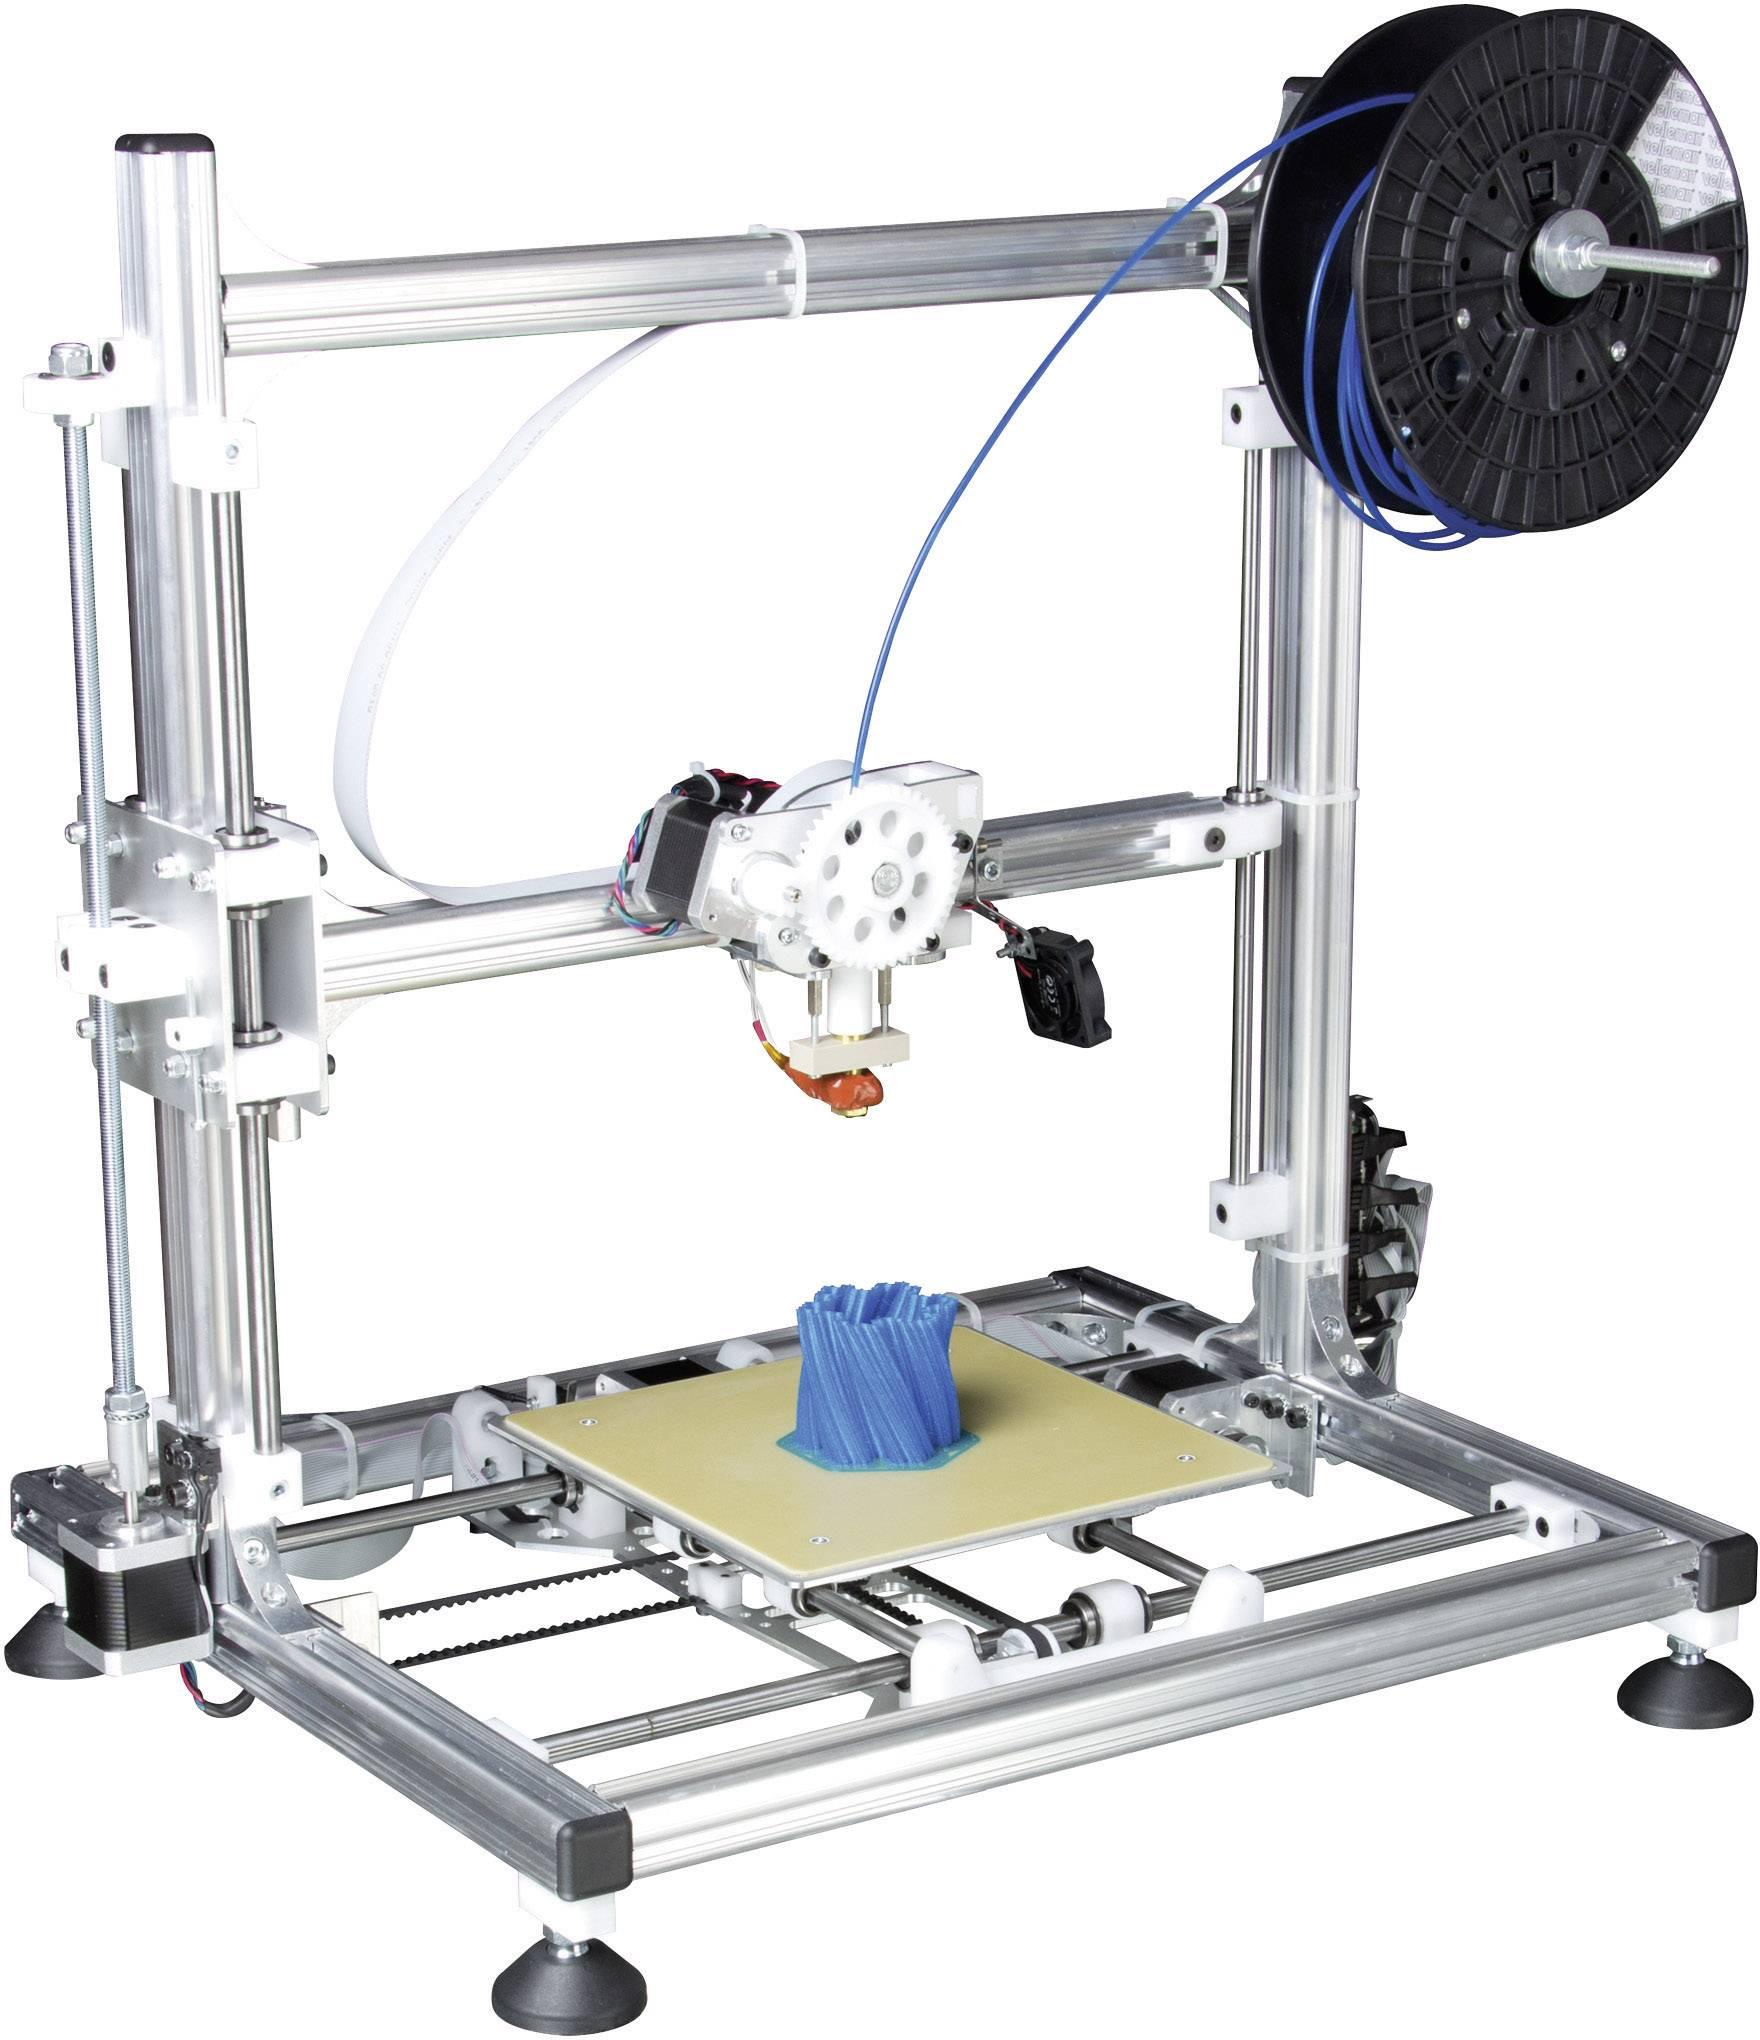 3D novinky, co je to 3D tisk, představení 3D tiskárny K8200